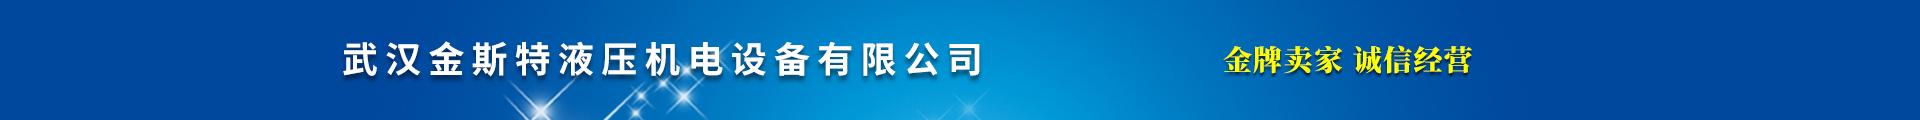 武汉恒斯源液压机电设备有限公司